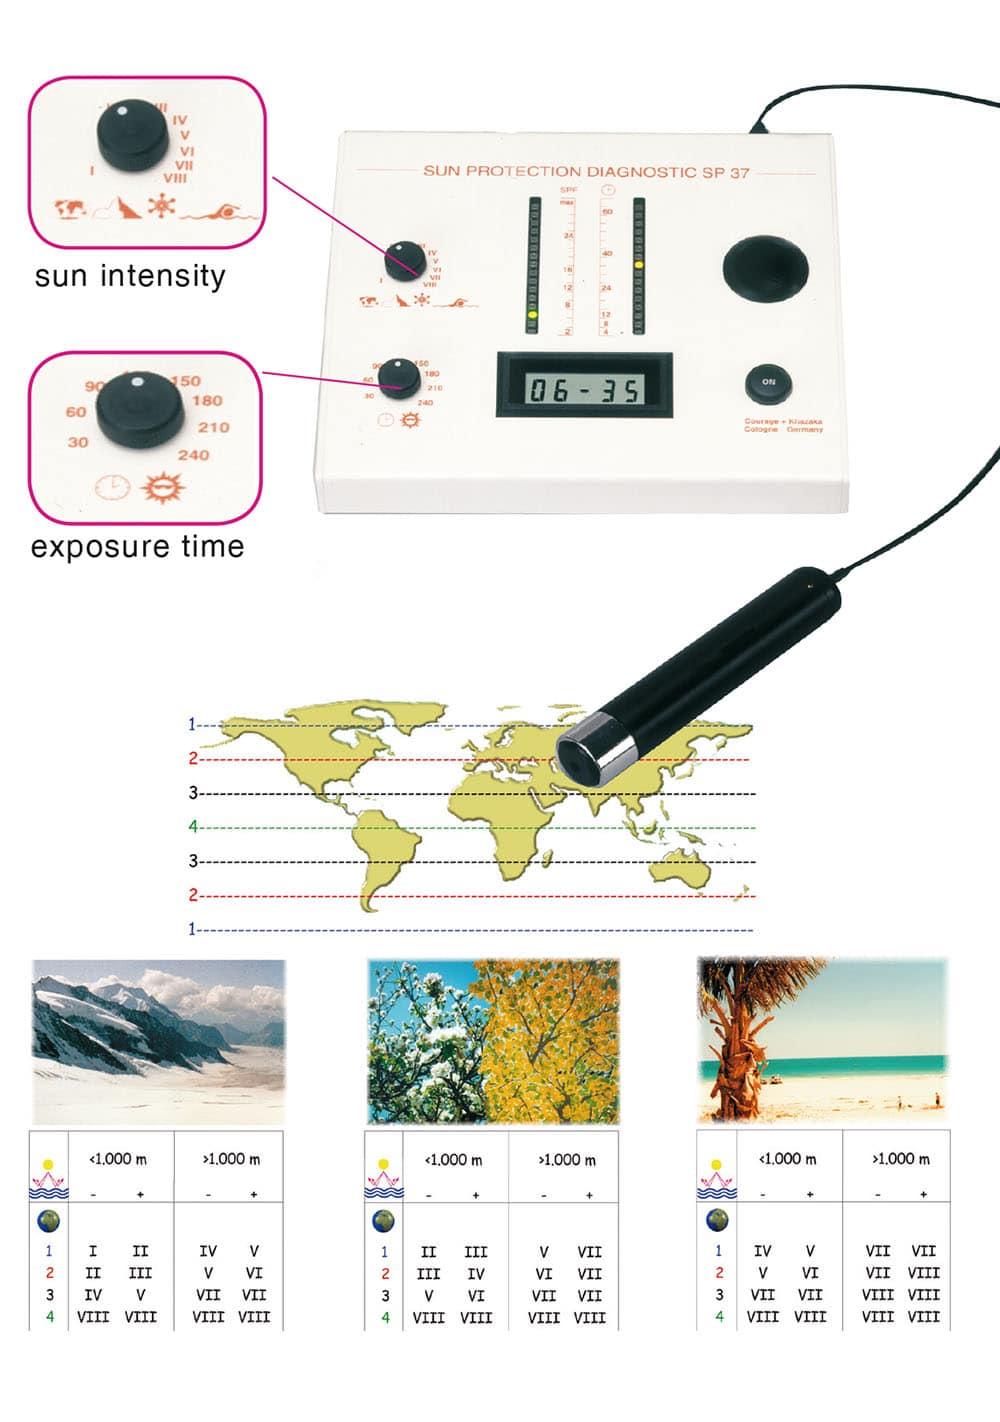 SUN PROTECTION DIAGNOSTIC SP 37